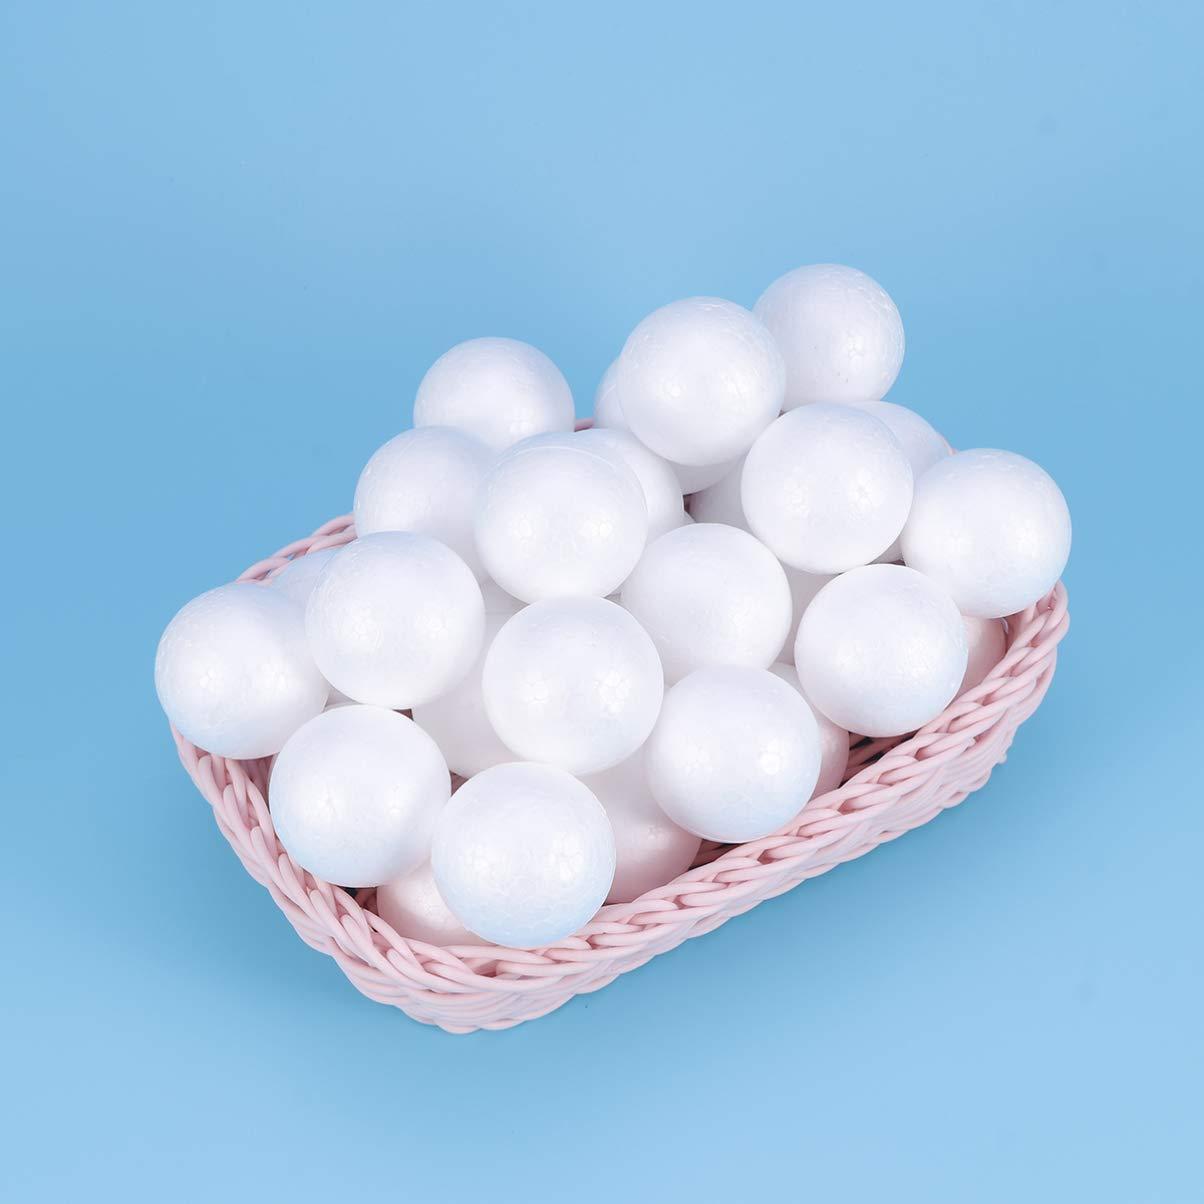 HEALLILY 100pcs Blanc Mousse balles Forme de no/ël Artisanat Balle Art d/écoration polystyr/ène no/ël Artisanat Kits de no/ël Boule Ornements 3 cm